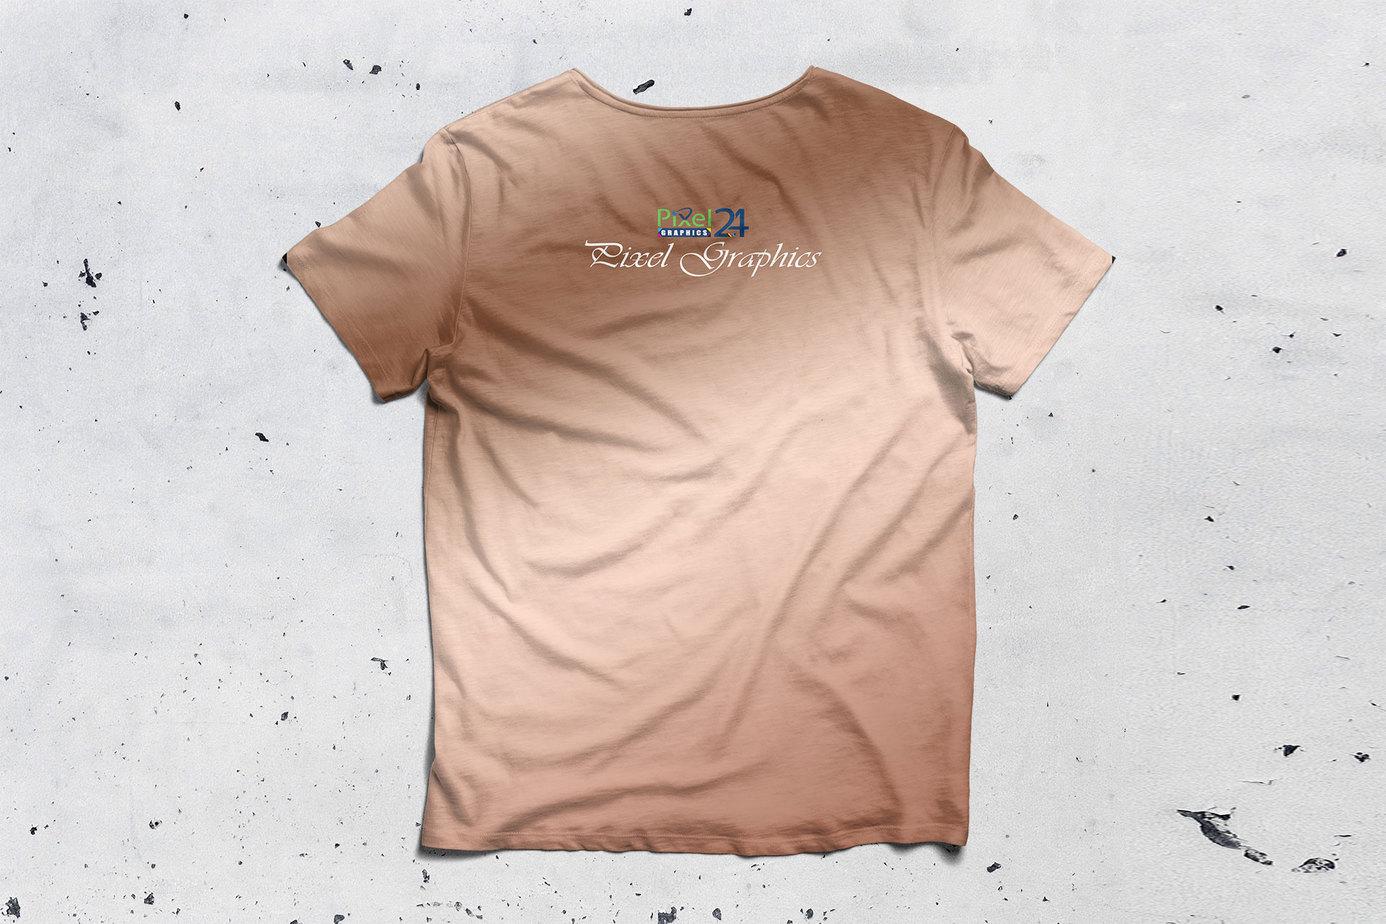 t-shirt design ideas, t-shirt design girl, t-shirt design template, t-shirt design maker, t-shirt design website, t-shirt design logo, t-shirt design online free, t-shirt design software,